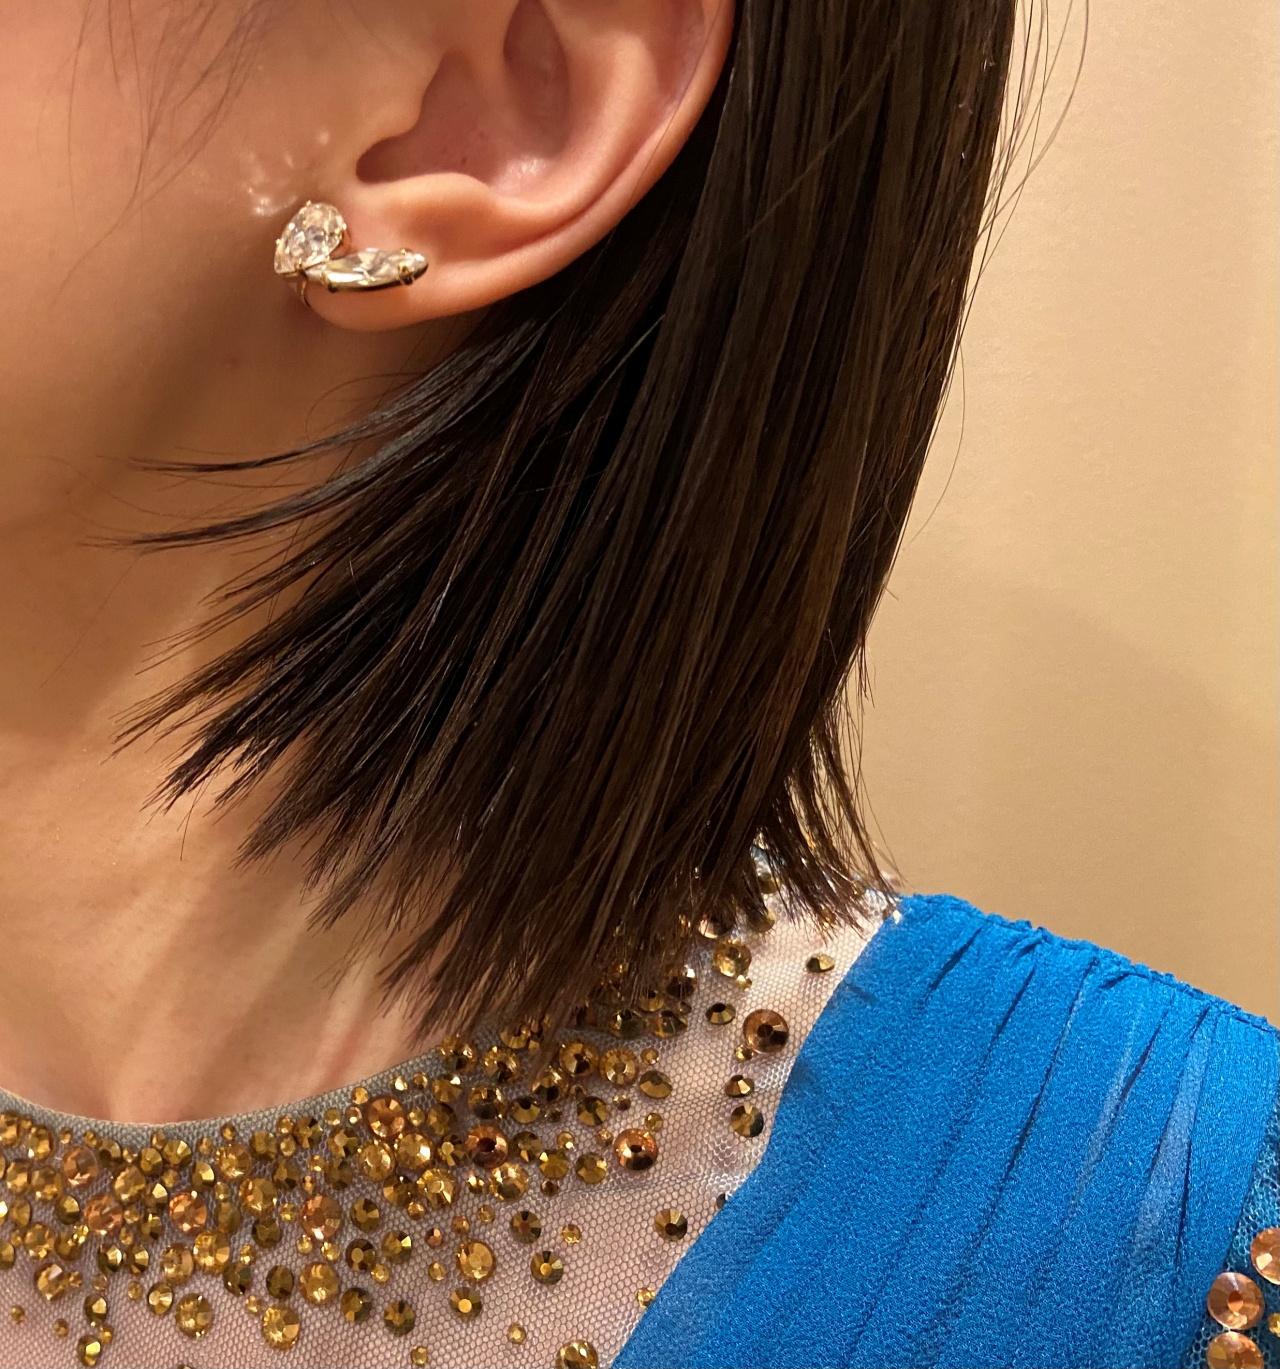 ファッショナブルな小粒のイヤリングはトレンドに敏感なおしゃれな花嫁におすすめ